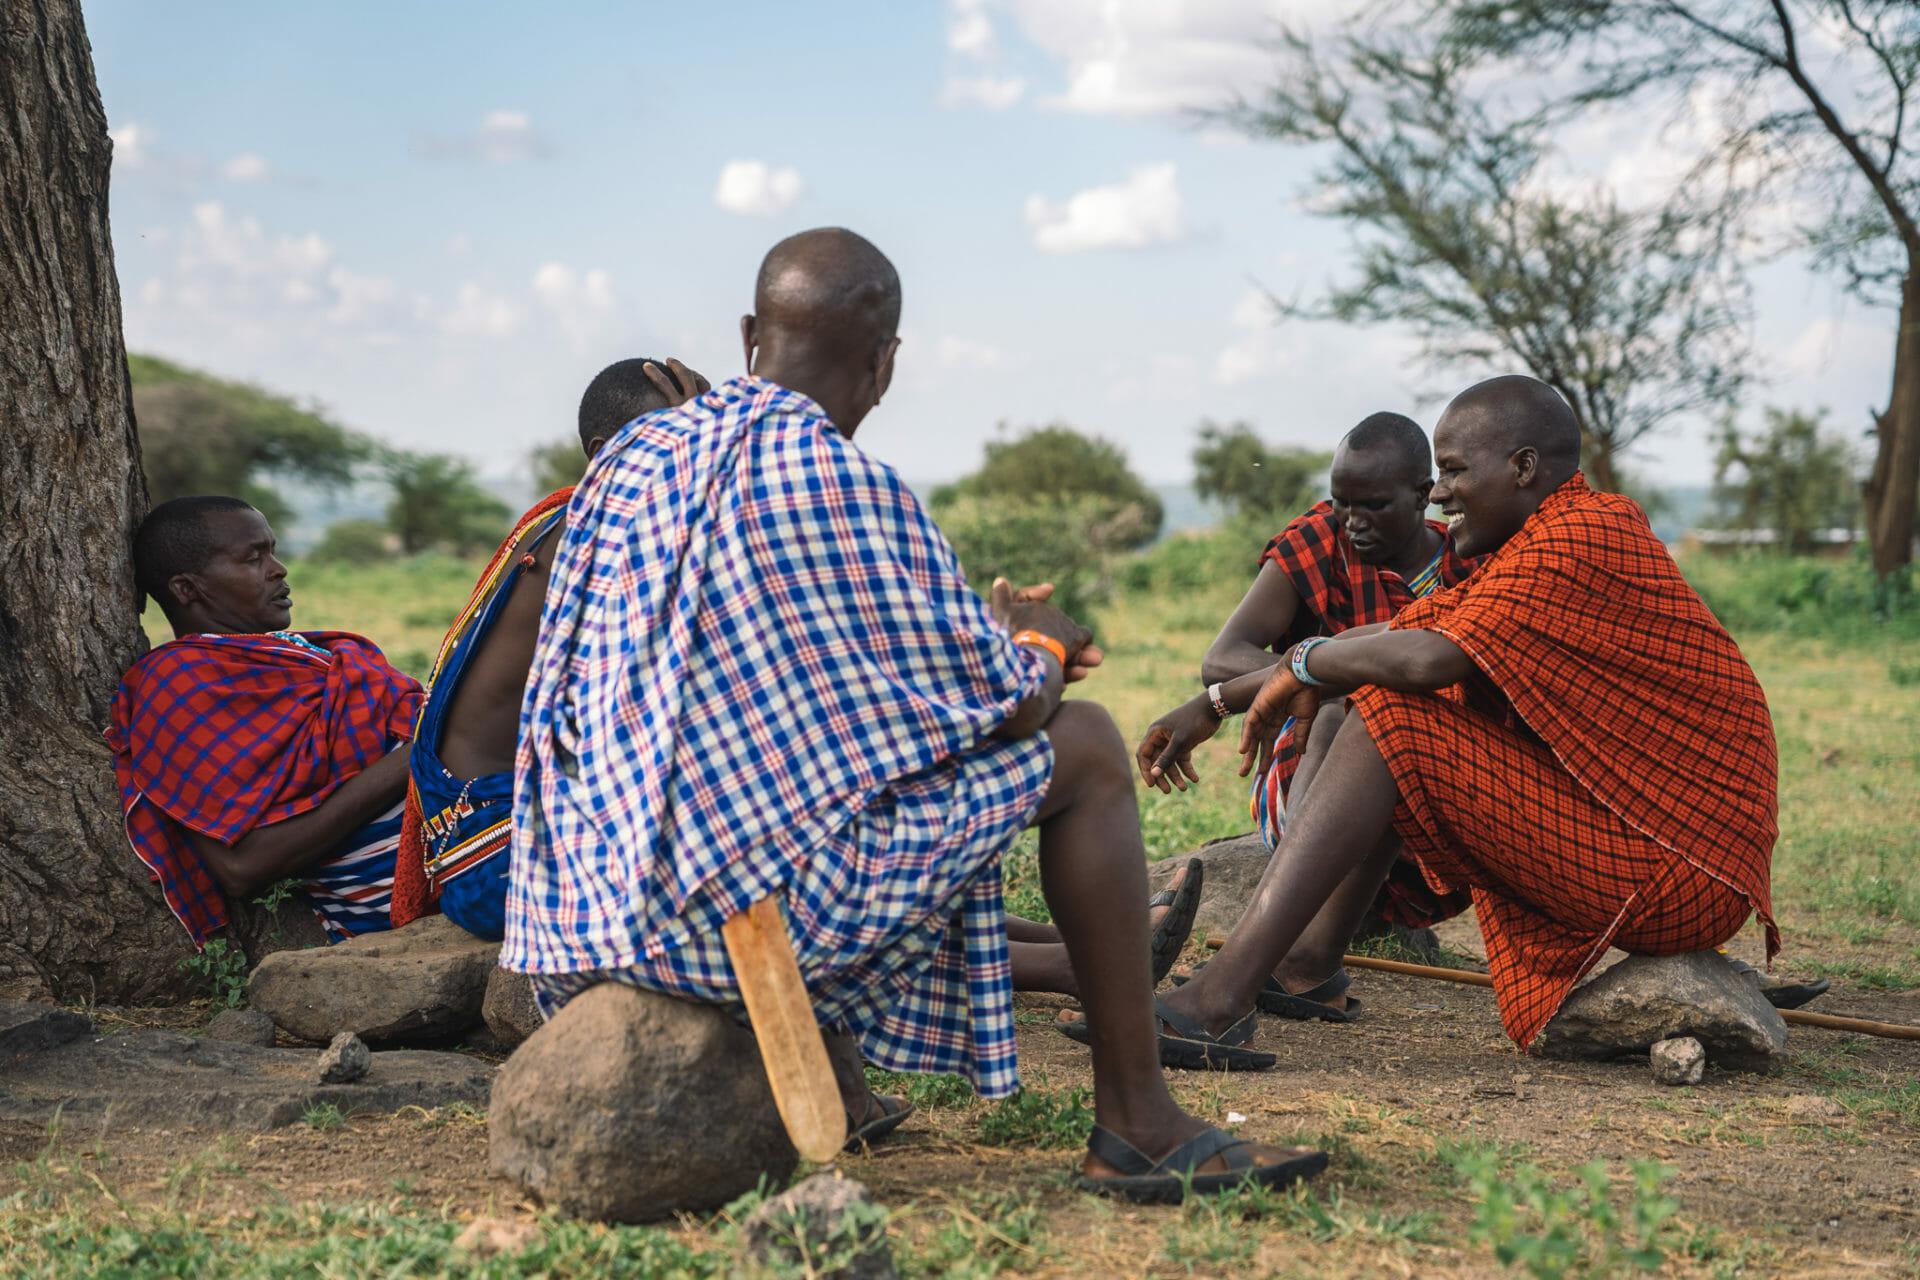 village-maasai-kenya-amboseli-we4kenya